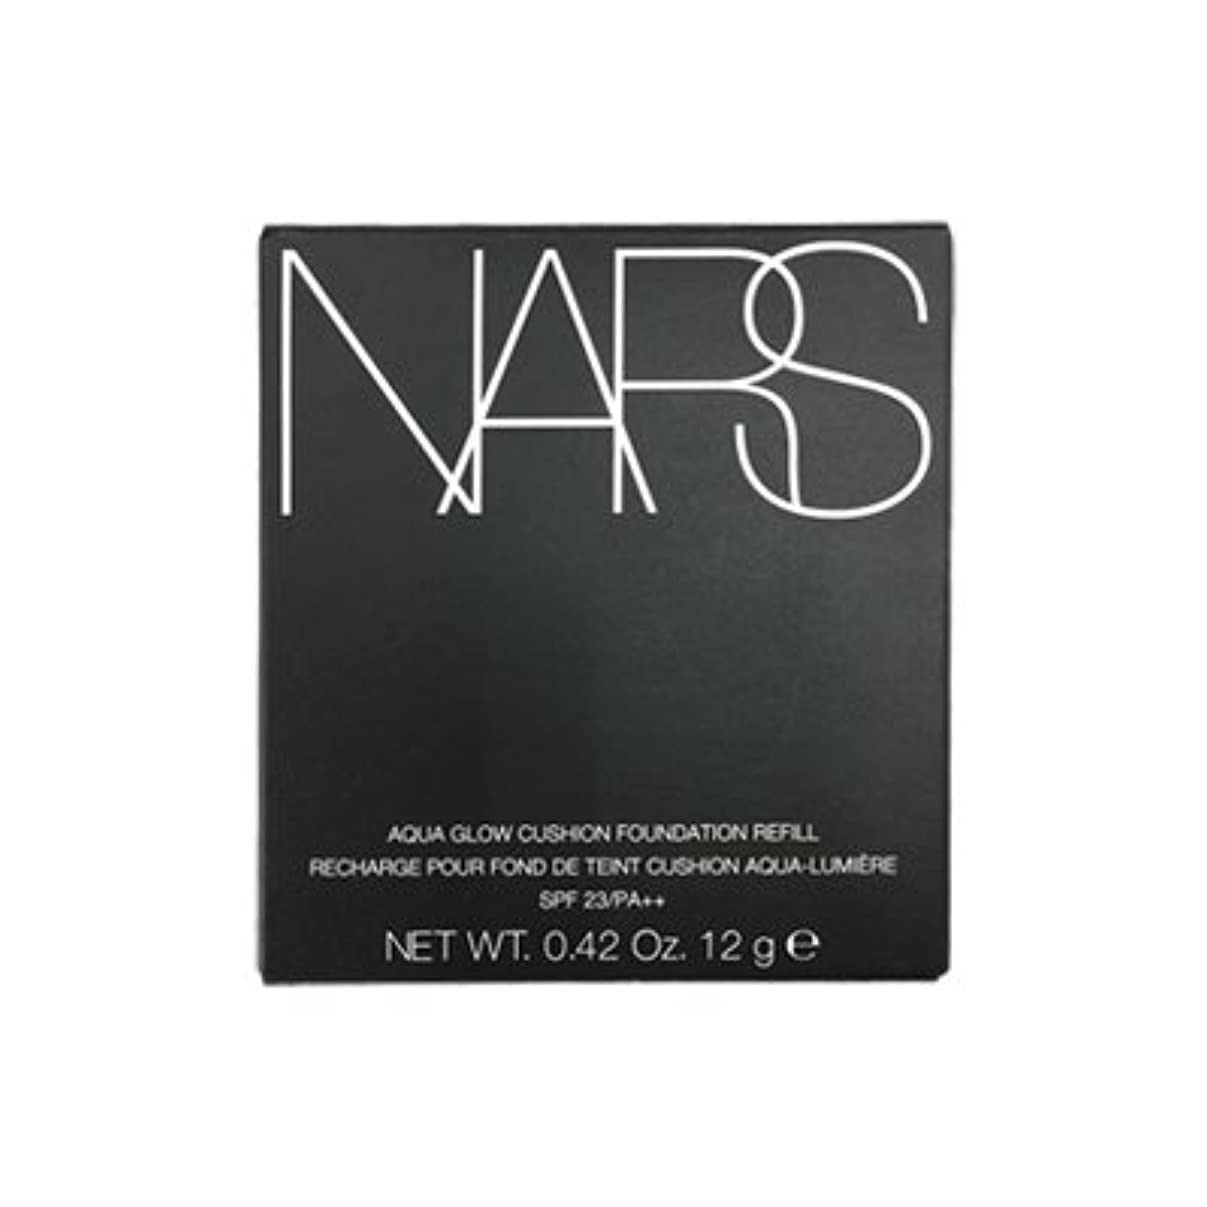 不倫タンパク質速度NARS アクアティックグロー クッションコンパクト レフィル SPF23/PA++ #6802 [並行輸入品]